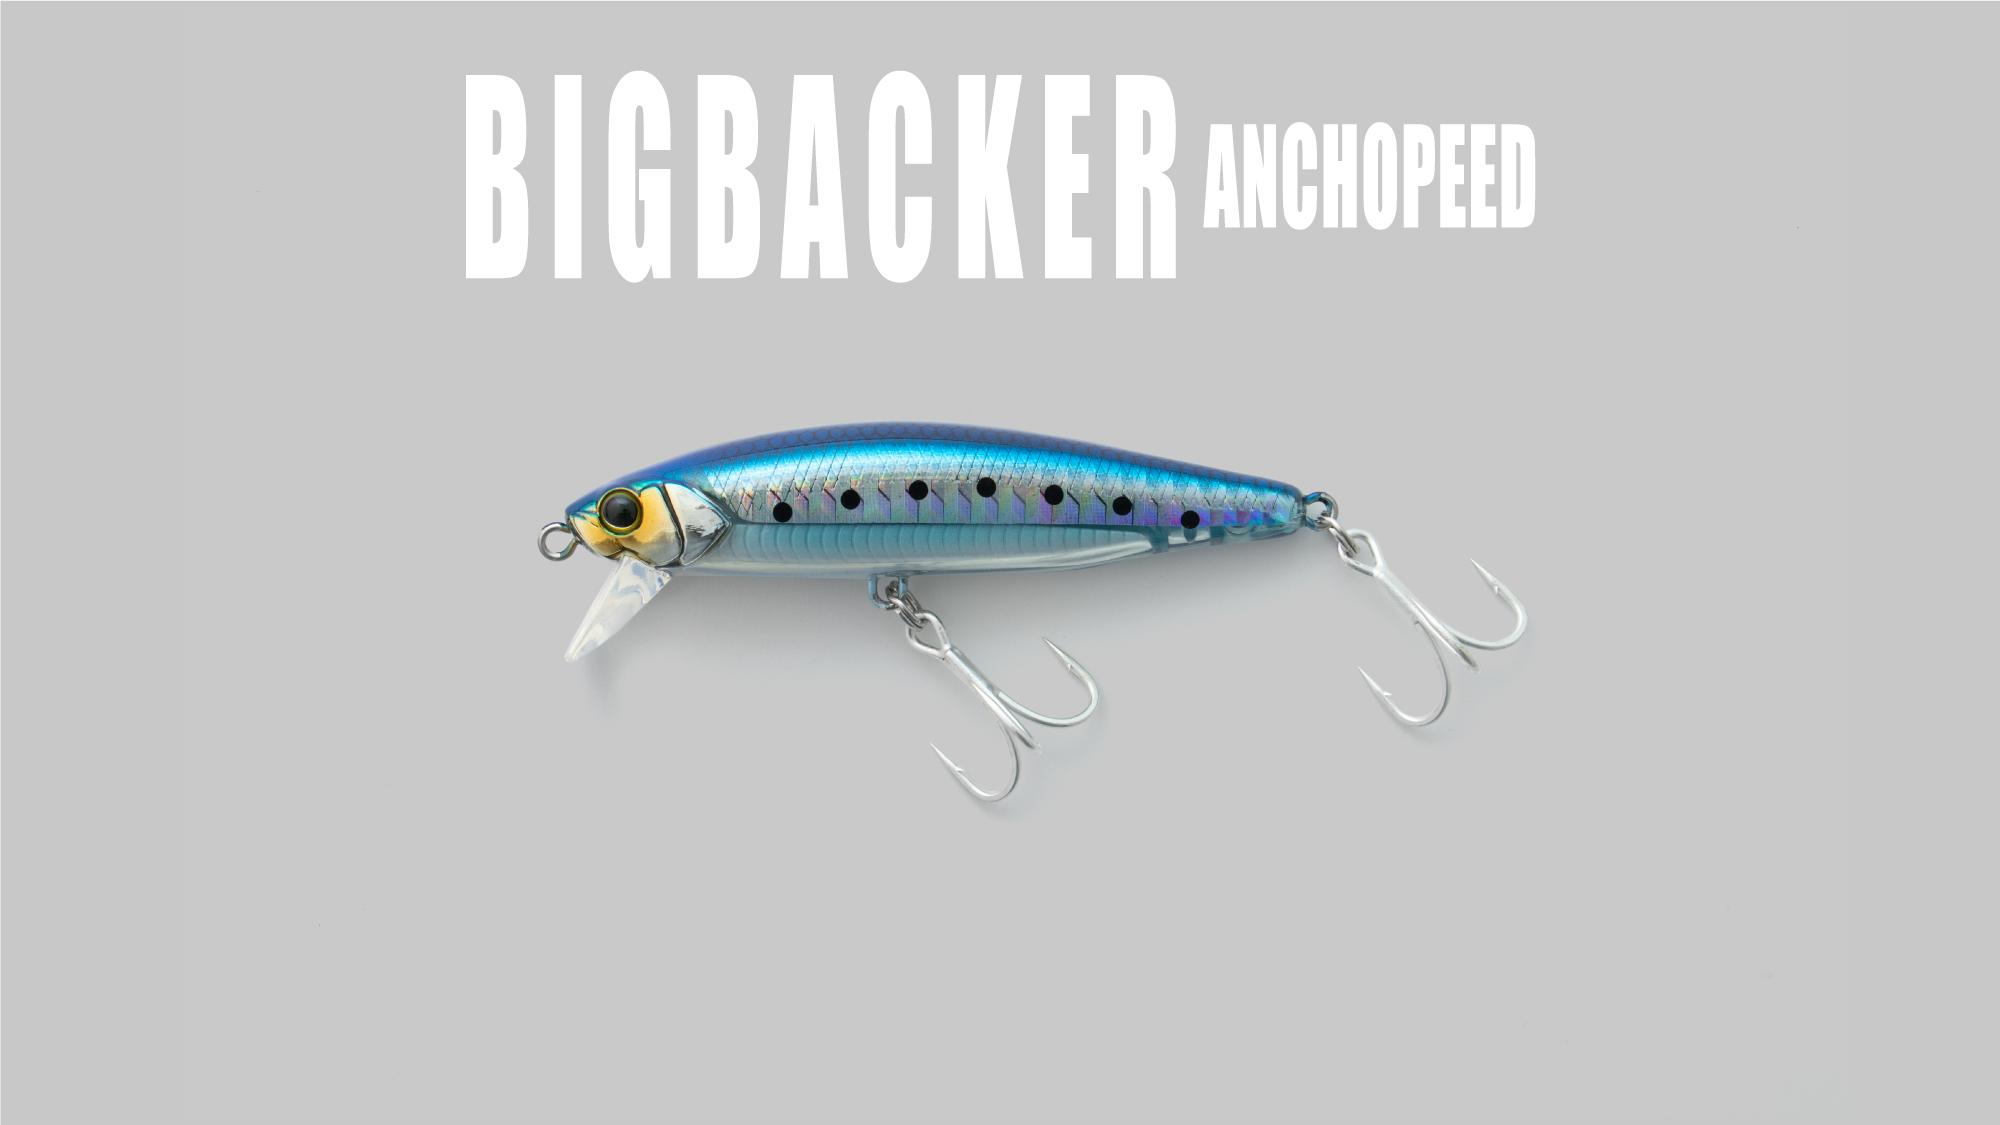 ビッグバッカーアンチョピード BIGBACKER ANCHOPEED /ビッグバッカーアンチョピード